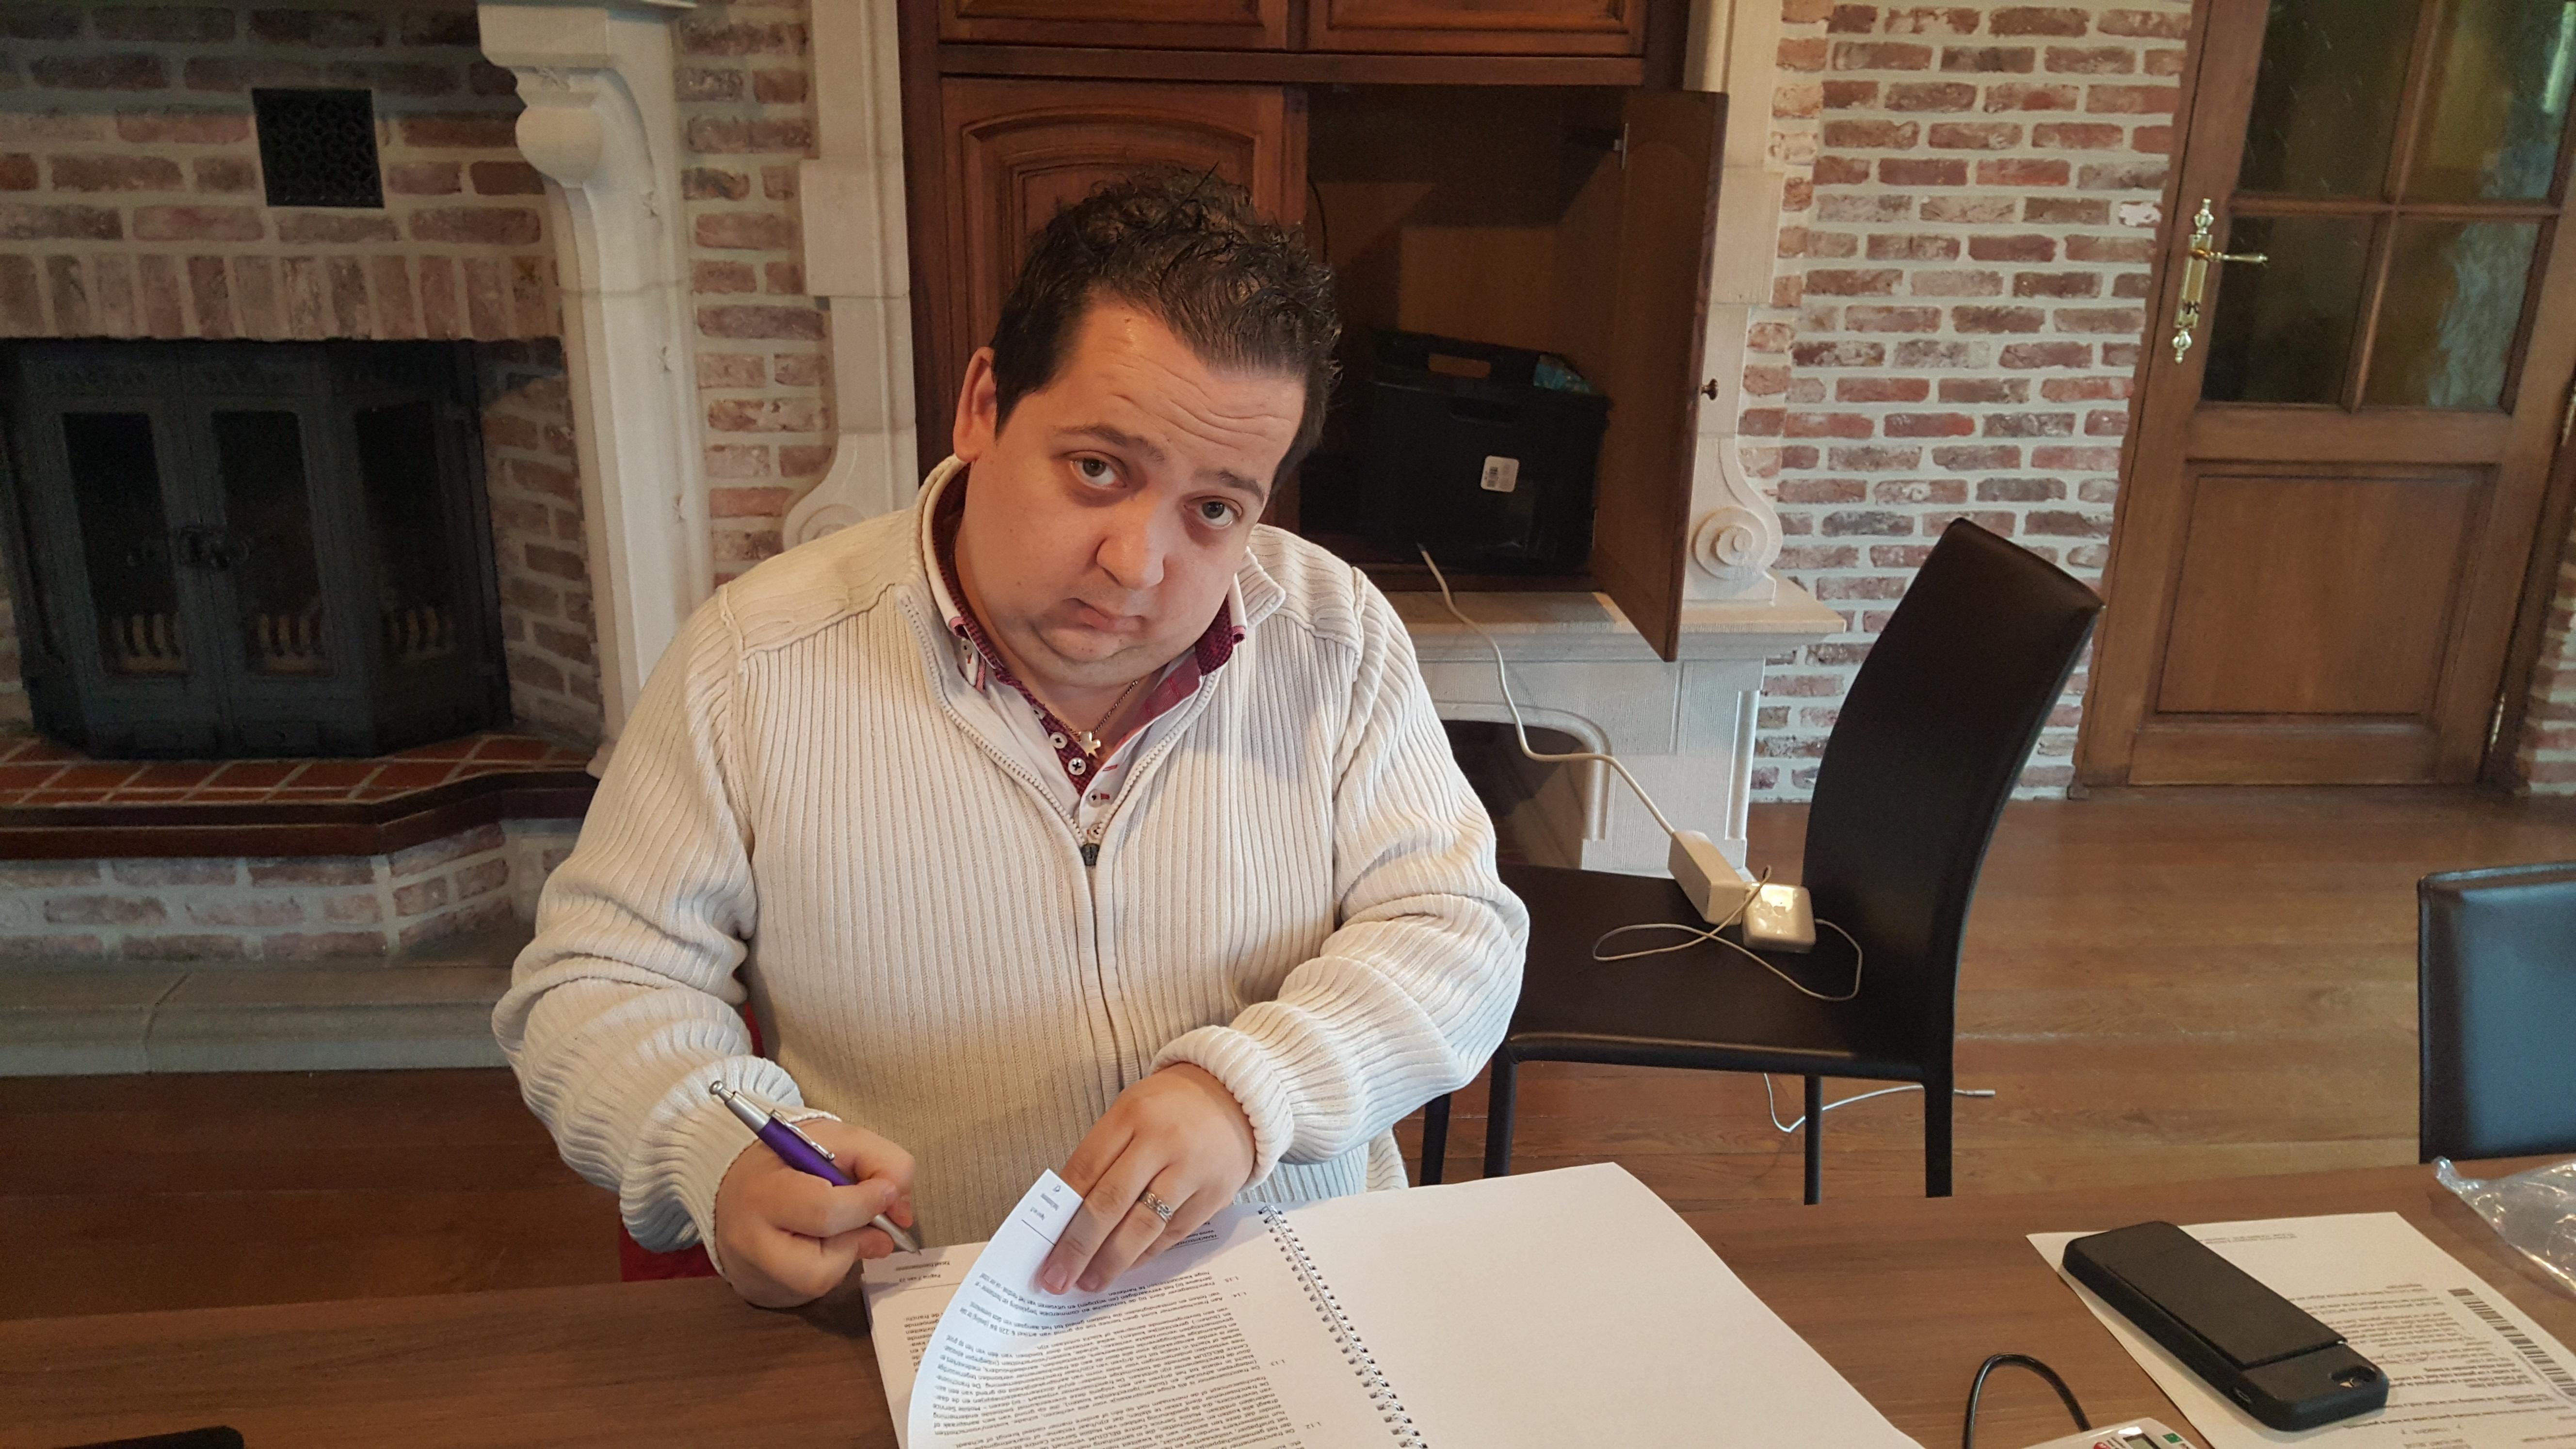 De snelgroeiende formule Mobile Service Centre heeft een franchise-overeenkomst gesloten met Glenn De Cuyper, zaakvoerder van een reeds bestaand telefoonreparatiebedrijf in Rumst (BE). Bron: FranchiseFormules.NL